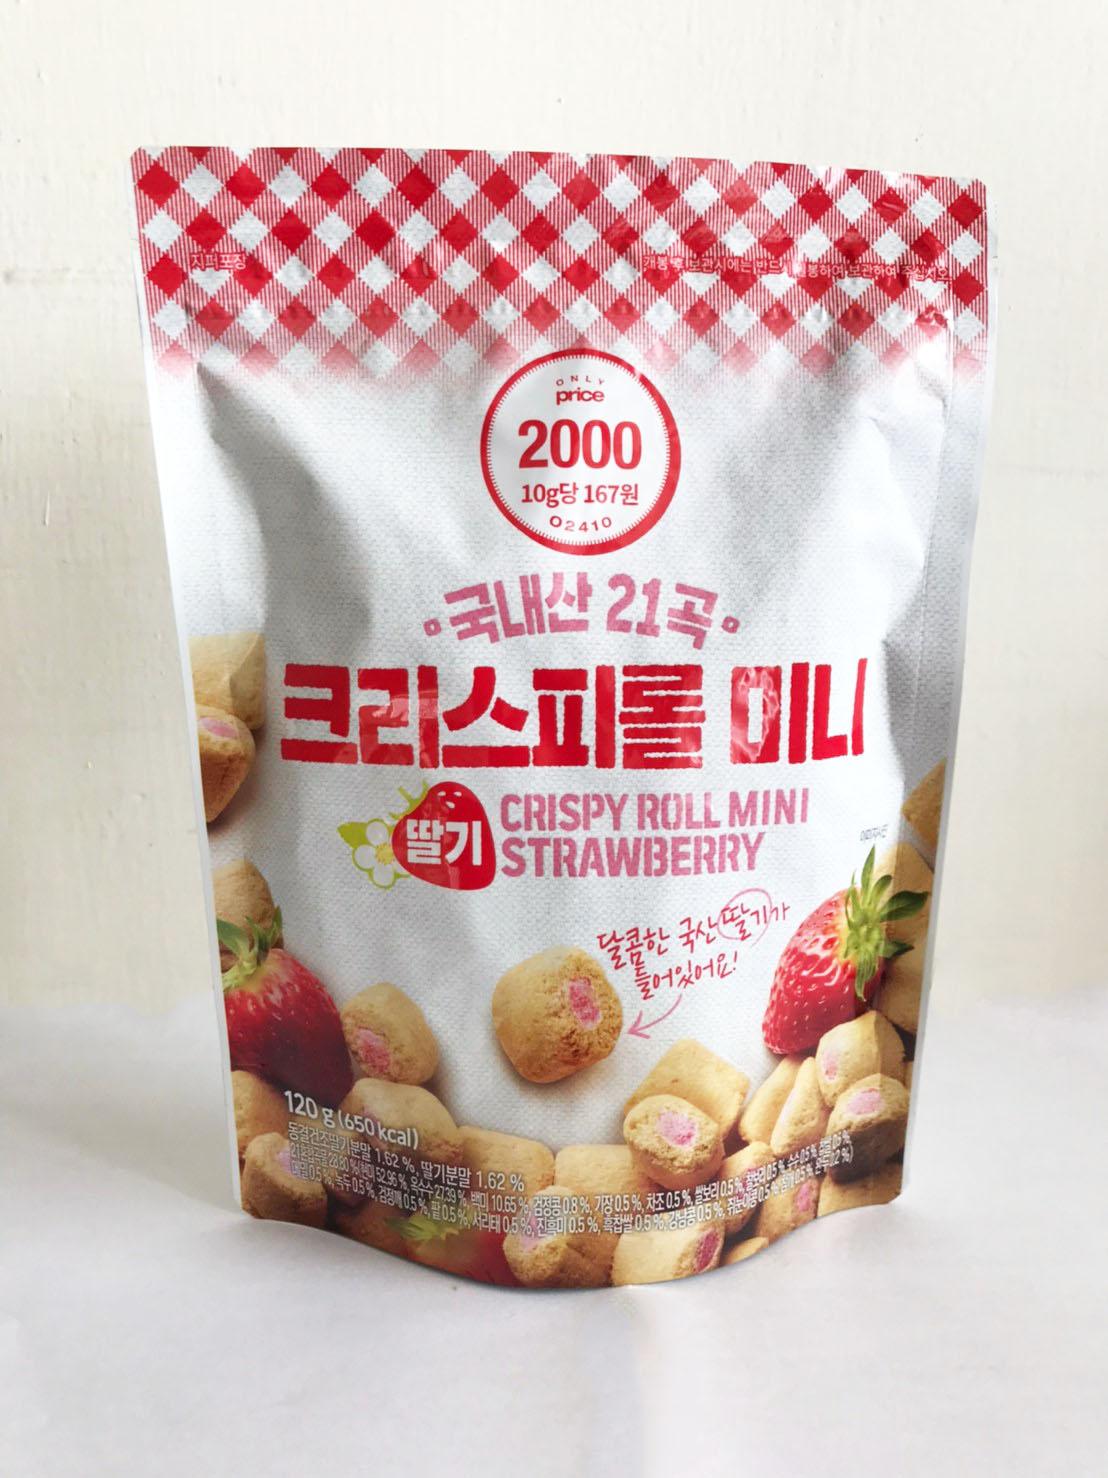 韓國 21種穀物餅乾 脆皮捲 迷你捲 草莓迷你捲 草莓口味 120g